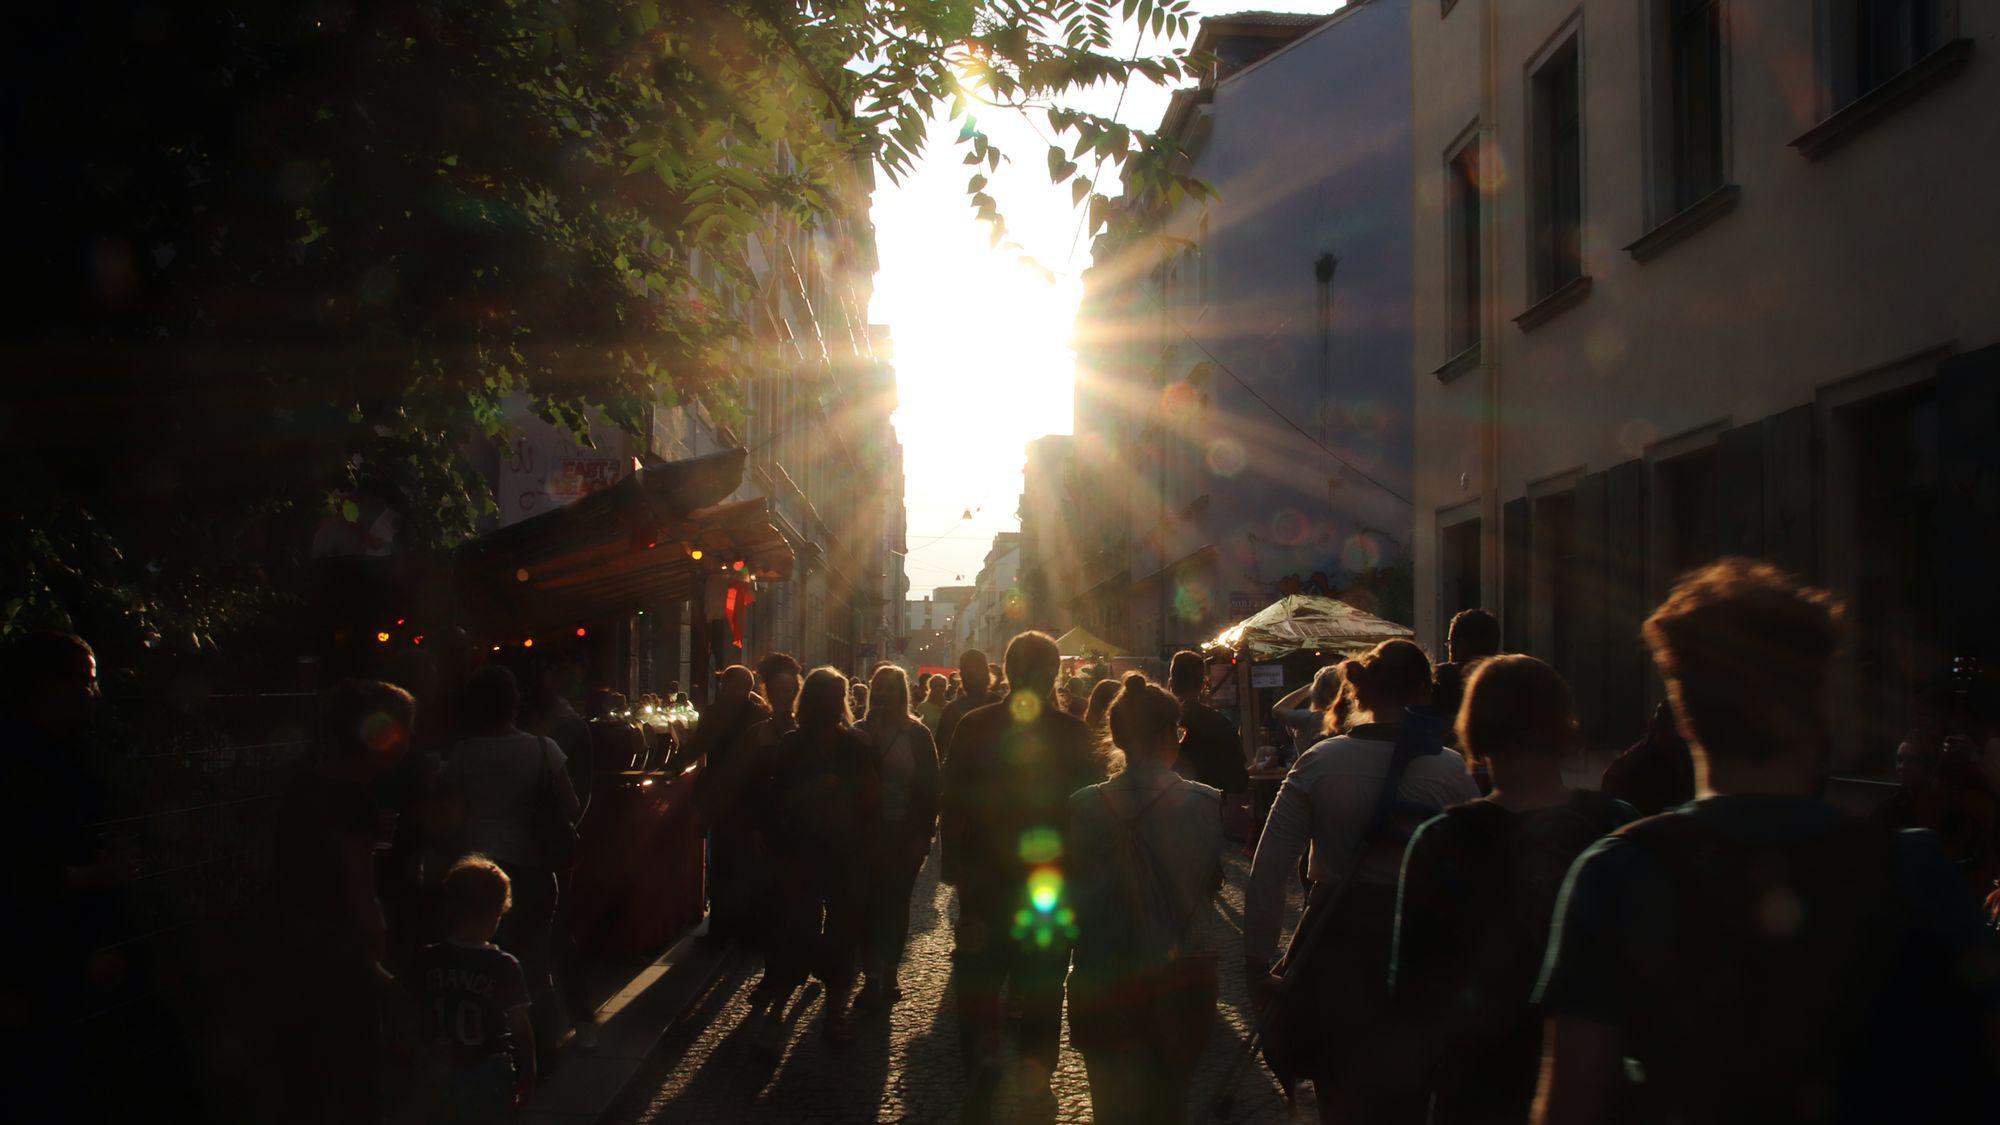 Eindrücke von der Böhmischen Straße